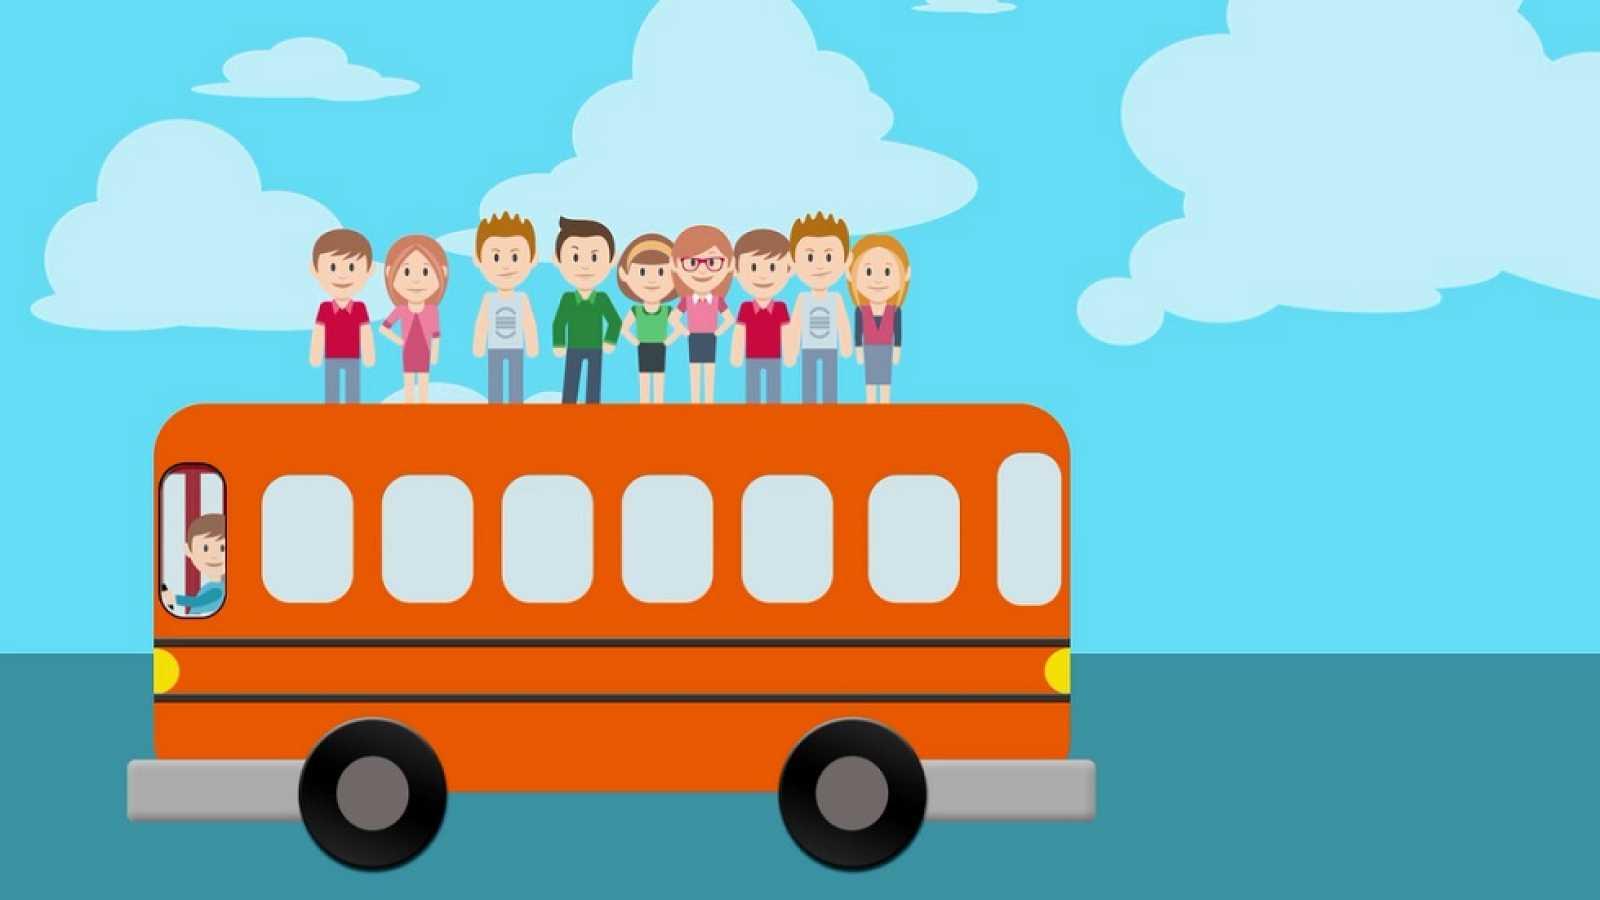 Desafia Tu Mente Cuantos Anos Tiene El Conductor Del Autobus